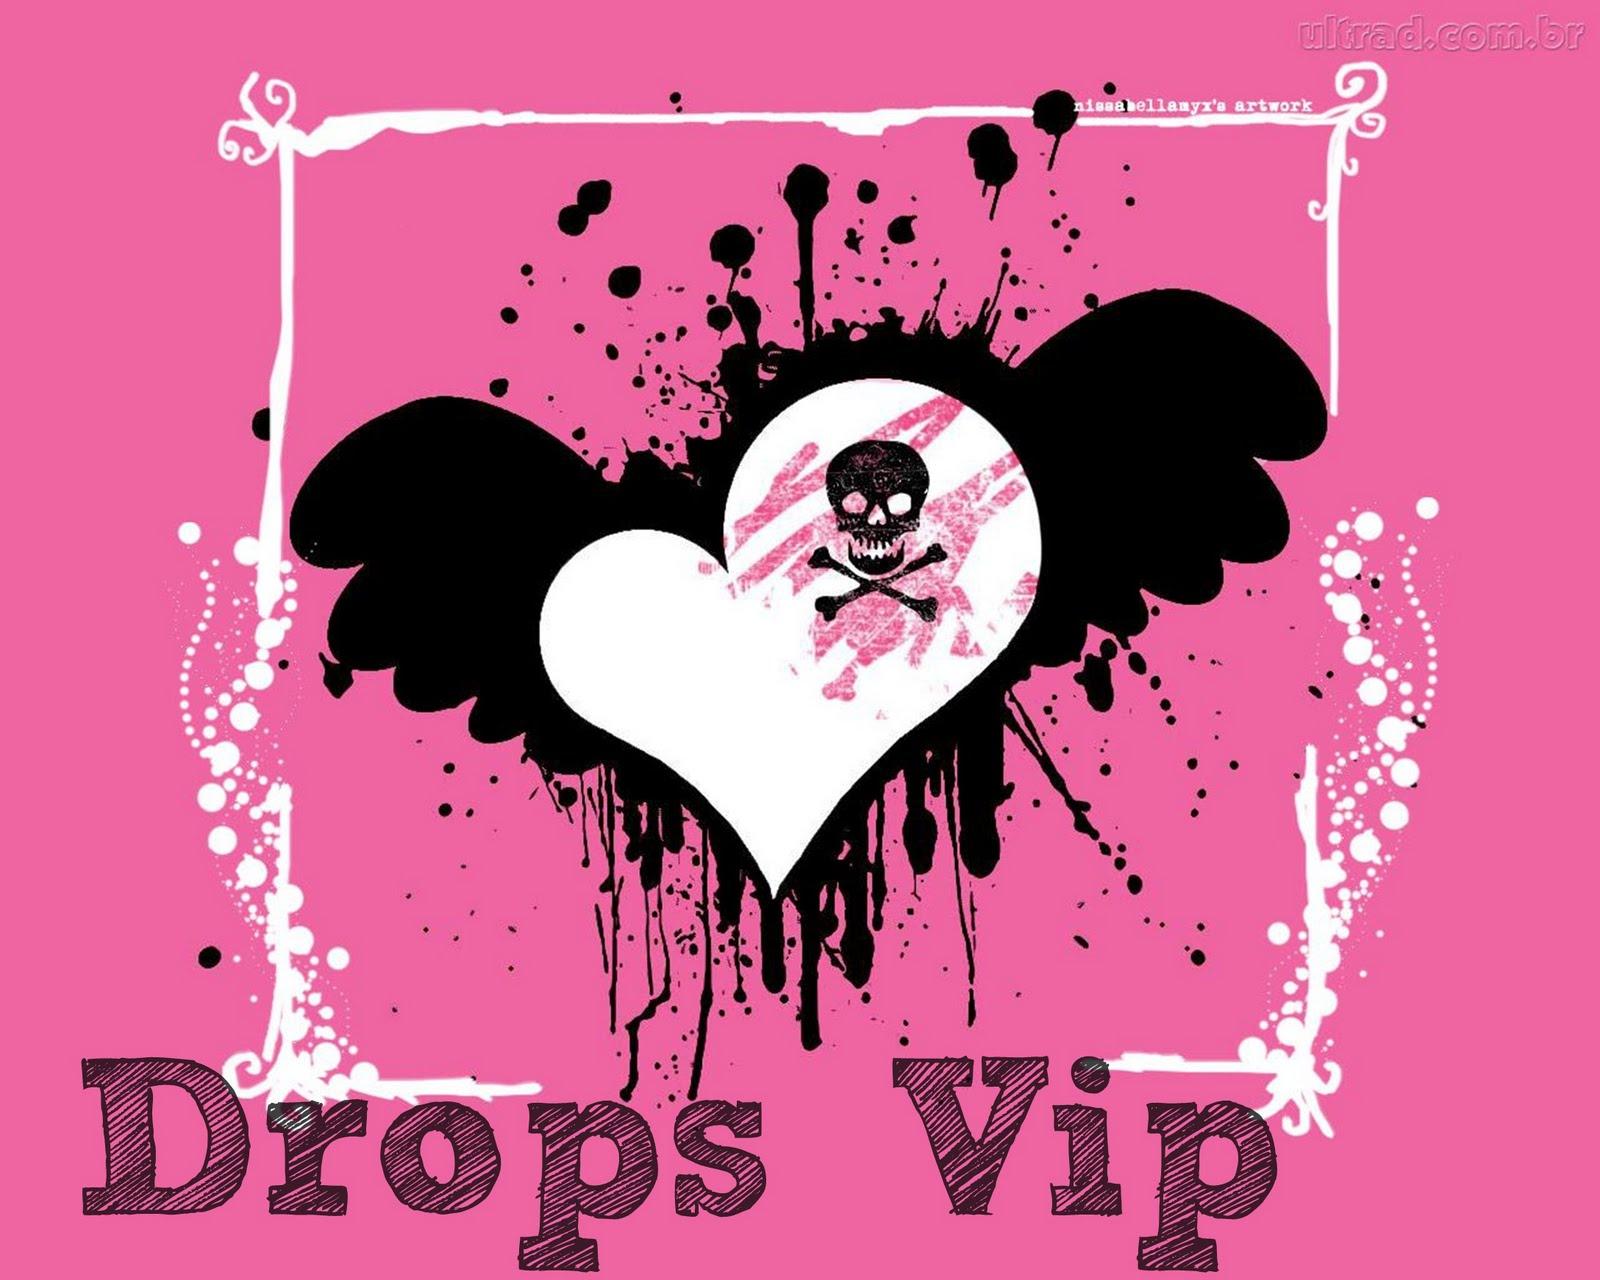 Drops Vip